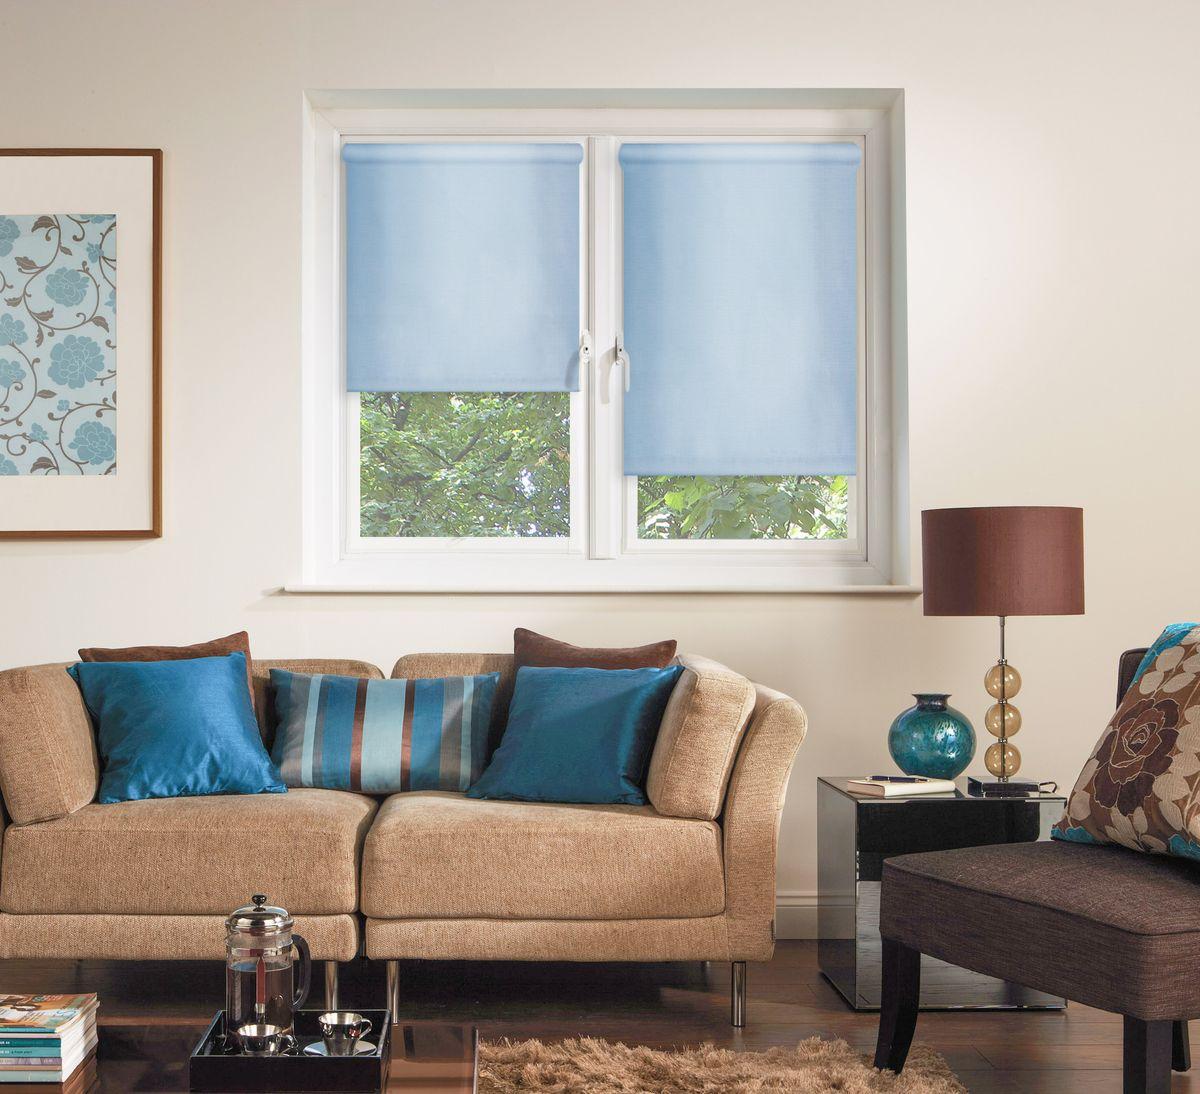 Штора рулонная Эскар Миниролло, цвет: голубой, ширина 115 см, высота 170 см31005115170Рулонная штора Эскар Миниролло выполнена из высокопрочной ткани, которая сохраняет свой размер даже при намокании. Ткань не выцветает и обладает отличной цветоустойчивостью.Миниролло - это подвид рулонных штор, который закрывает не весь оконный проем, а непосредственно само стекло. Такие шторы крепятся на раму без сверления при помощи зажимов или клейкой двухсторонней ленты (в комплекте). Окно остается на гарантии, благодаря монтажу без сверления. Такая штора станет прекрасным элементом декора окна и гармонично впишется в интерьер любого помещения.